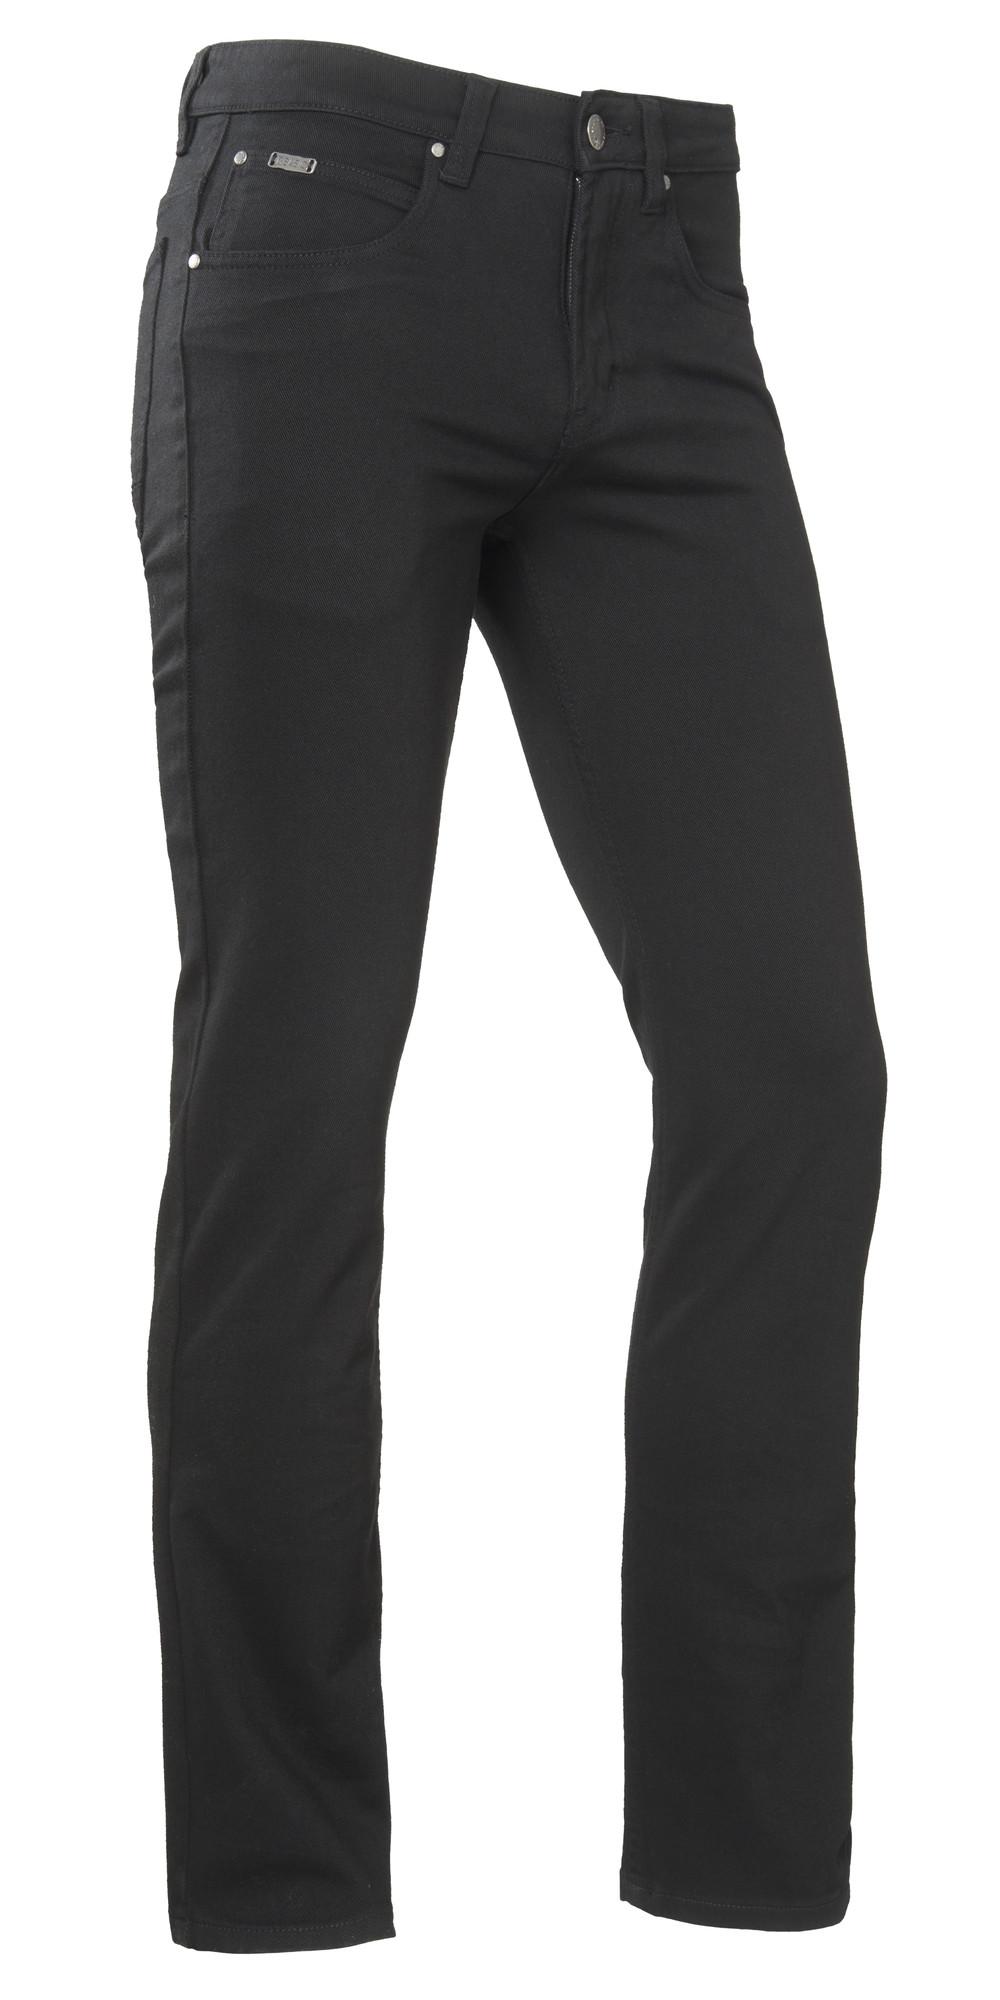 Brams Paris Danny Jeans Stretch (D51 Black Twill) W33-L32